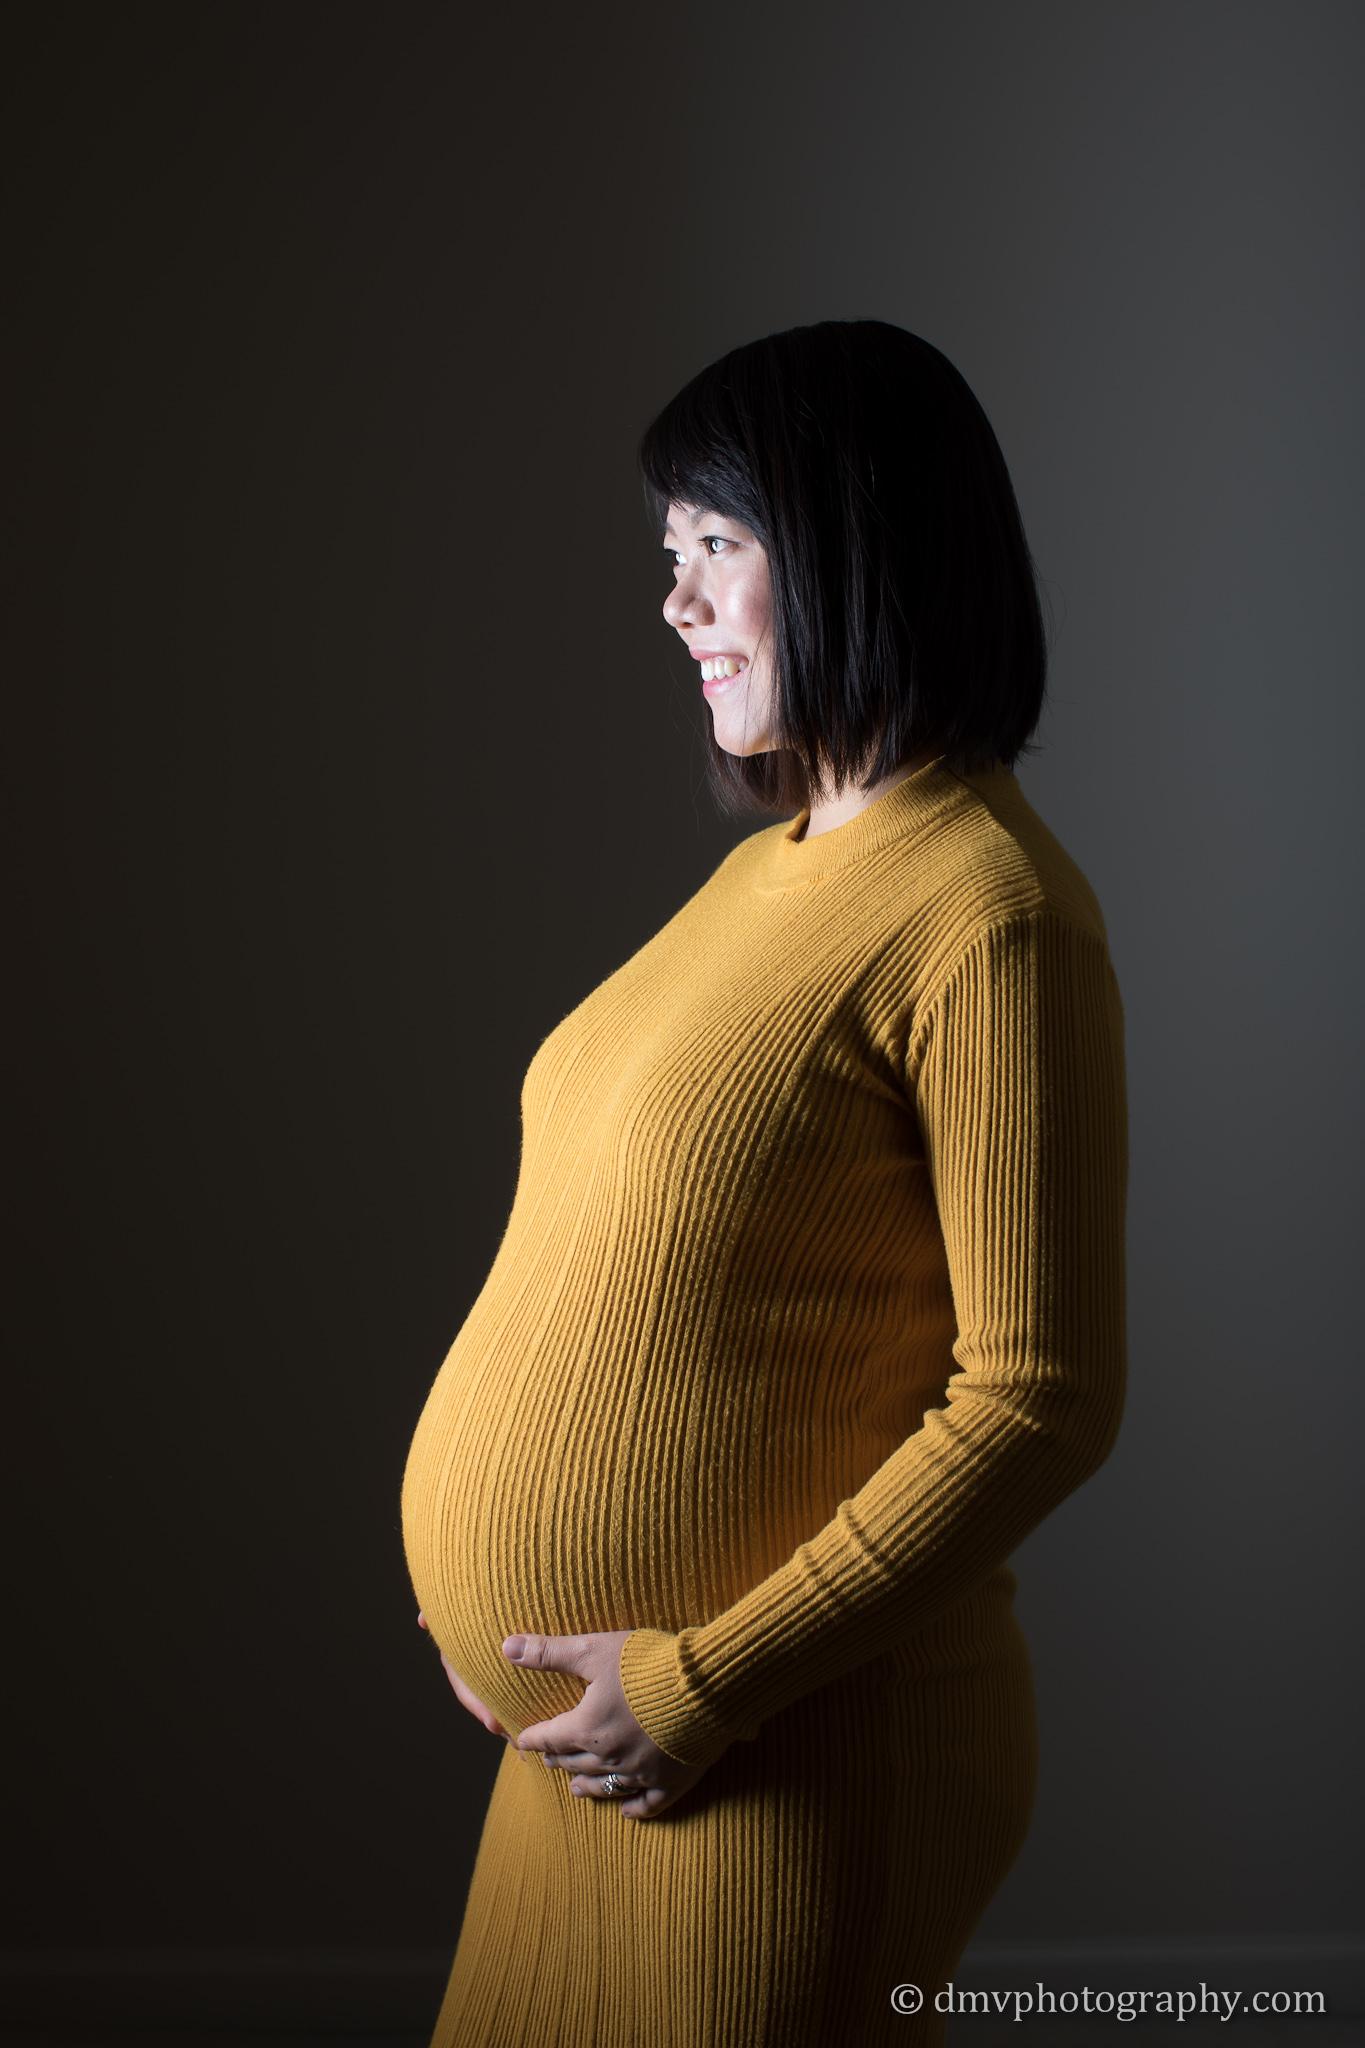 2018-01-20 - Ran Tao - Maternity - 00007